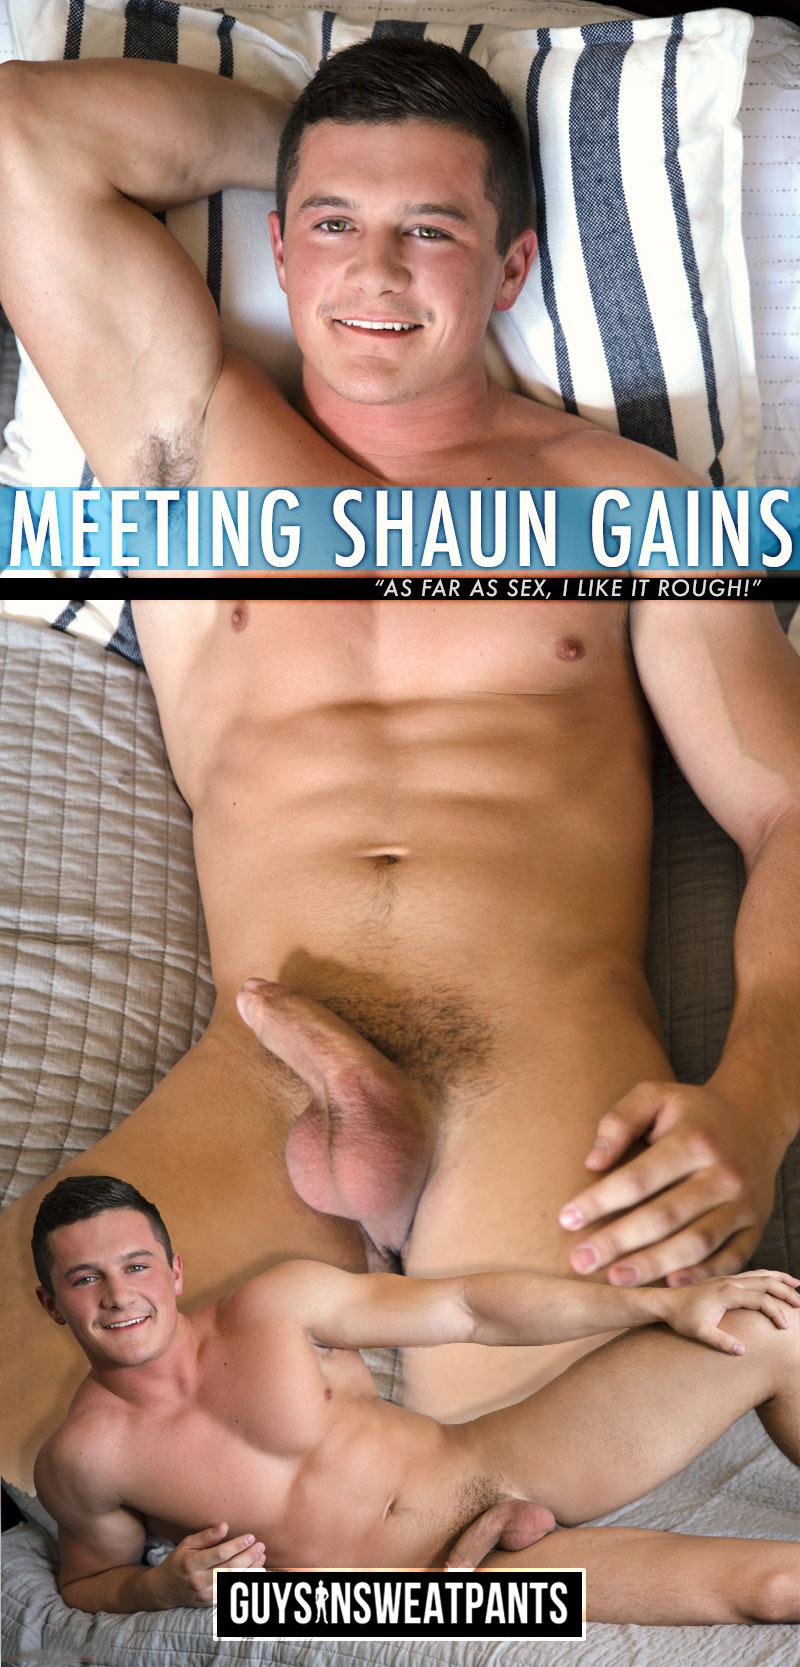 Meeting Shaun Gains at Guys In Sweatpants